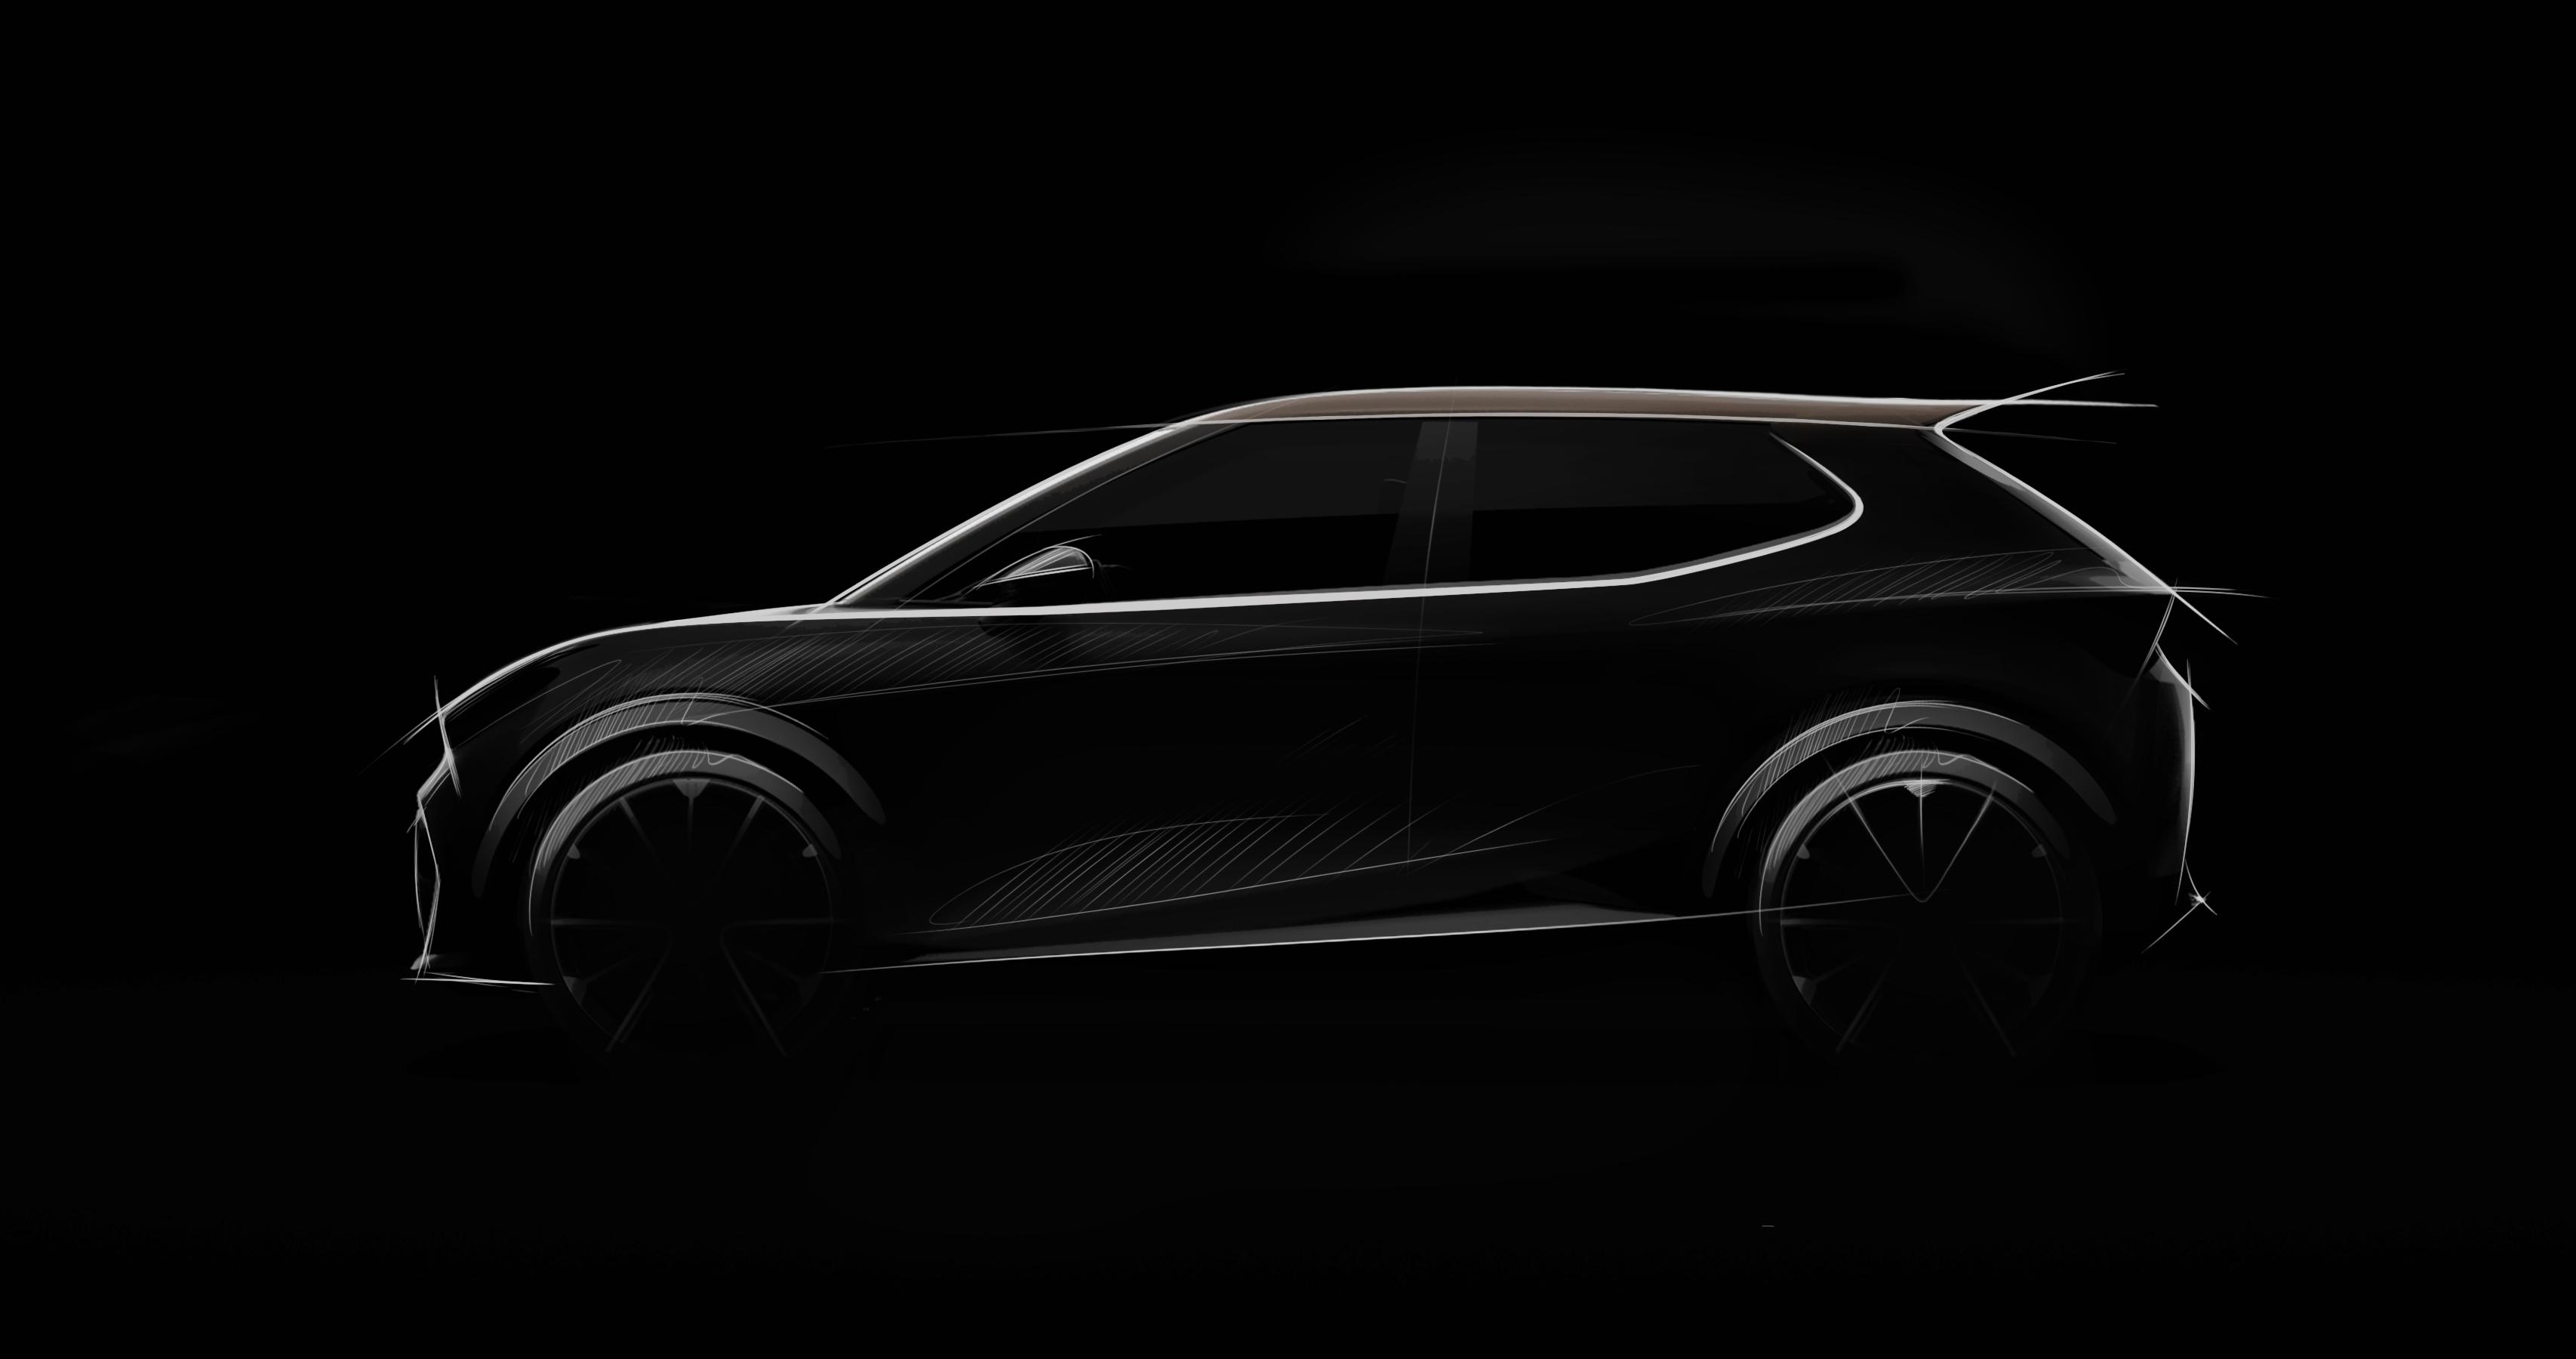 Primeiro teaser do modelo urbano elétrico da Seat a lançar em 2025